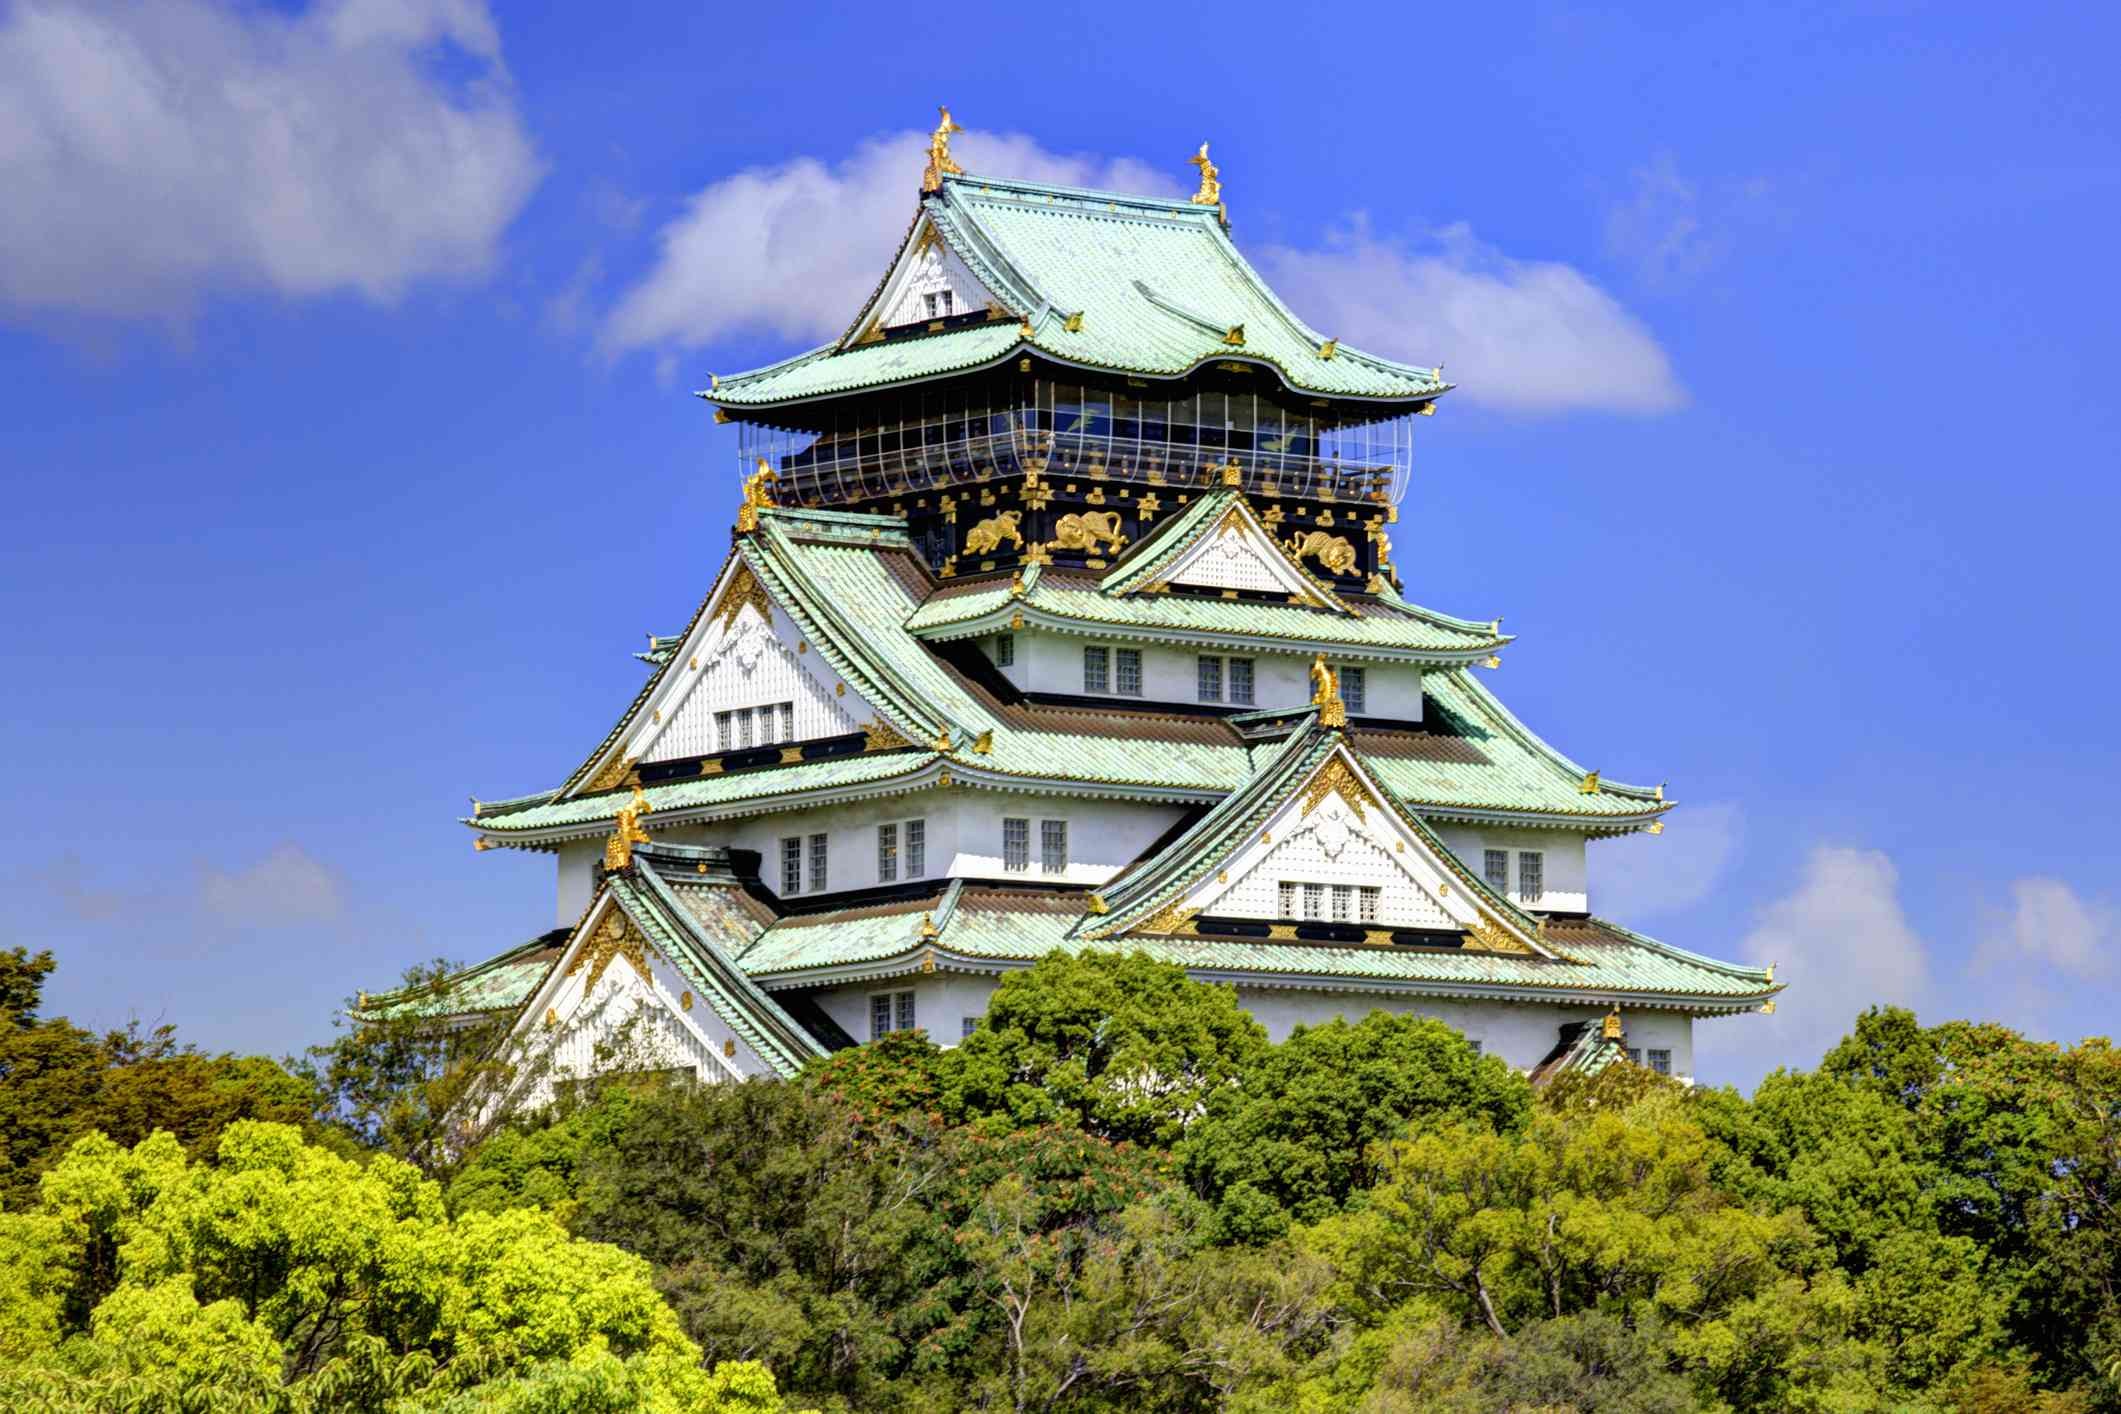 View of the Osaka Castle, Osaka